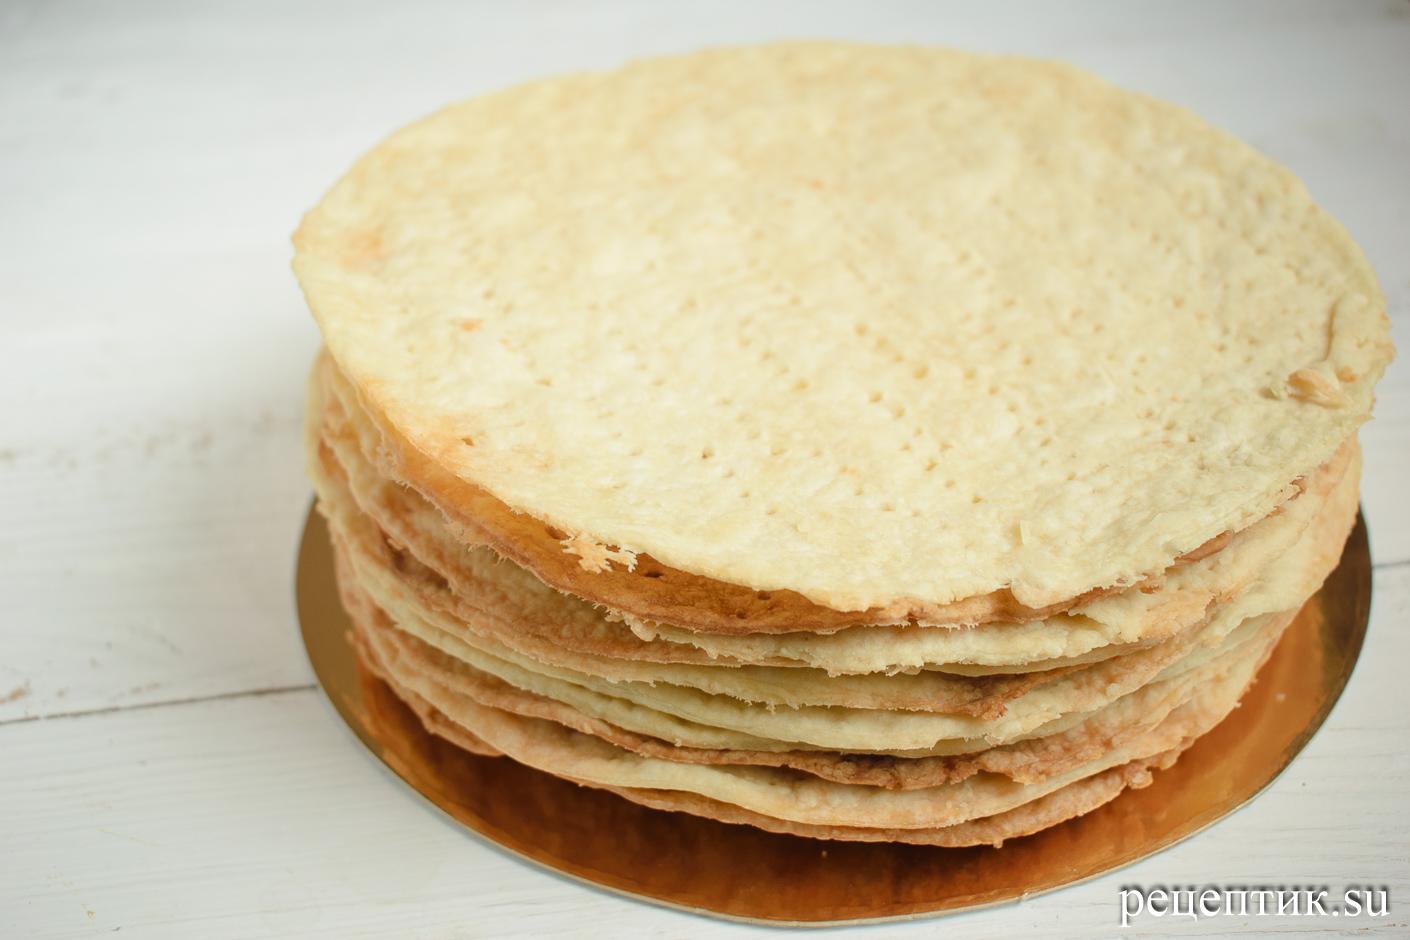 Карамельно-ореховый наполеон со сметанным кремом - рецепт с фото, шаг 14